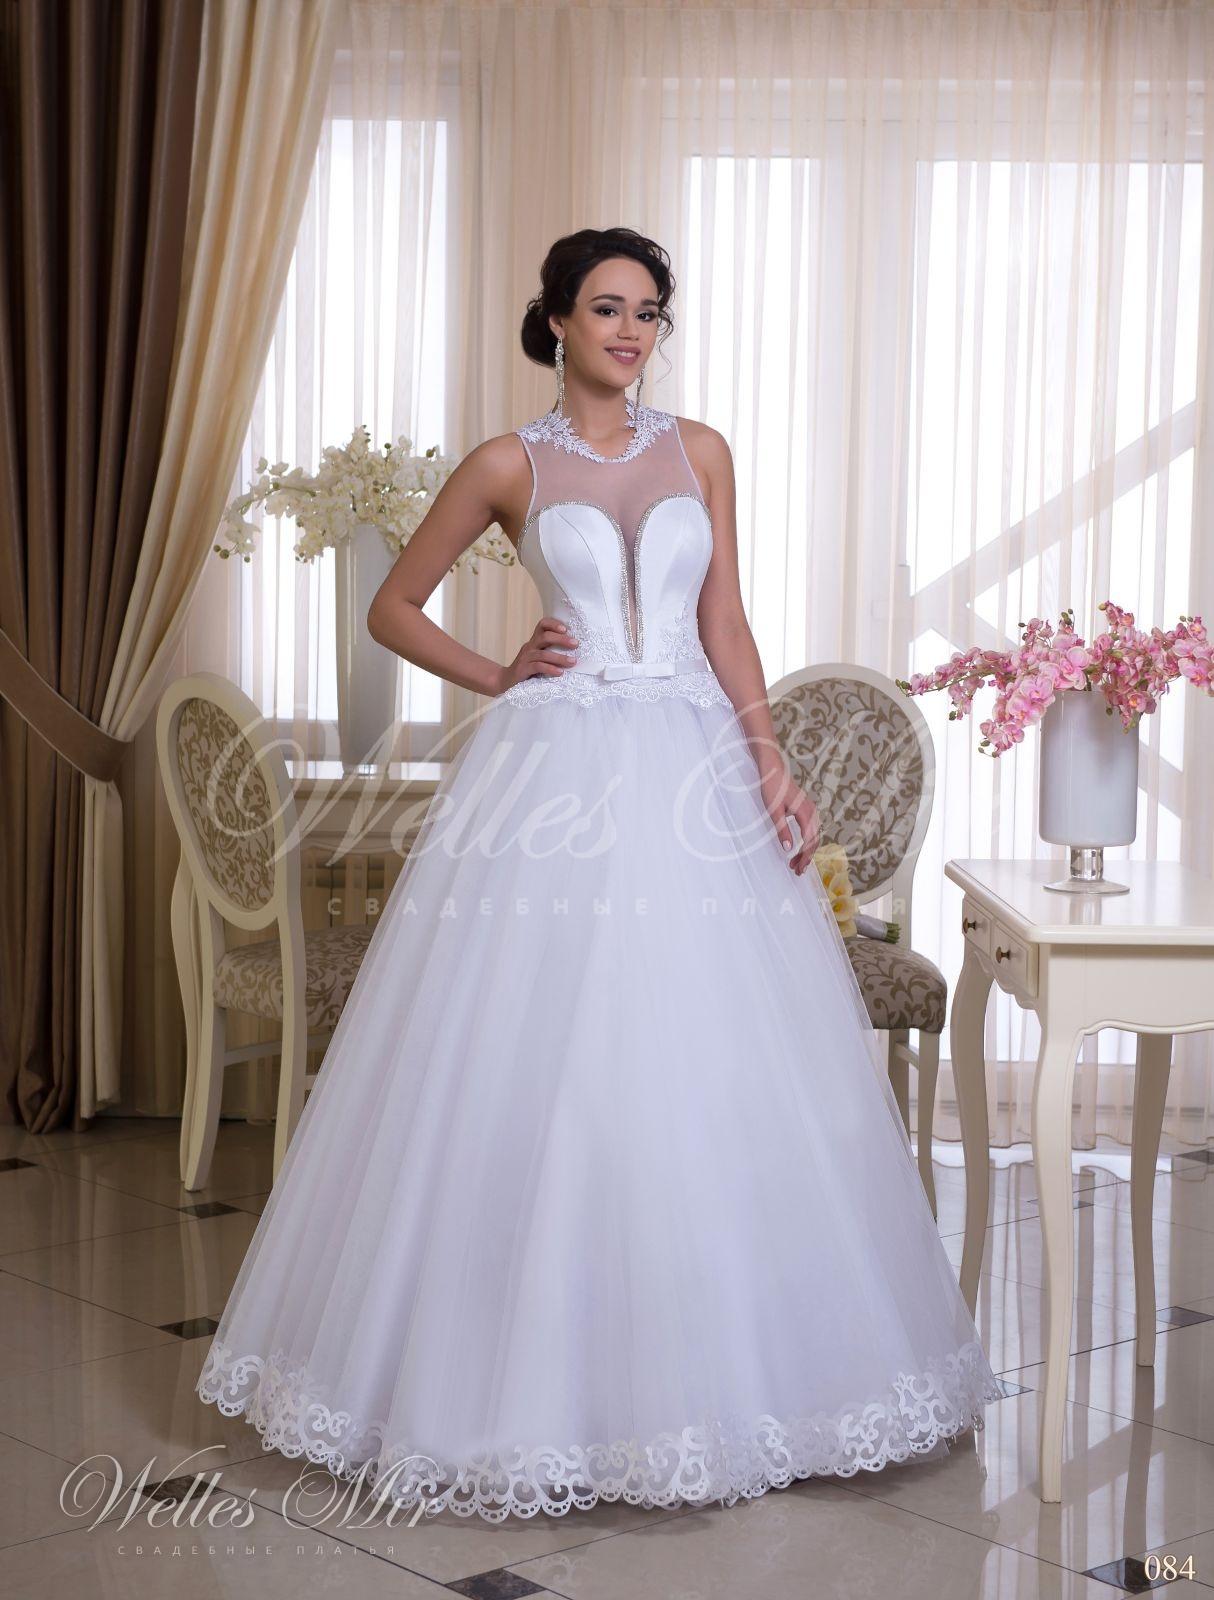 Свадебные платья Charming Elegance - 084